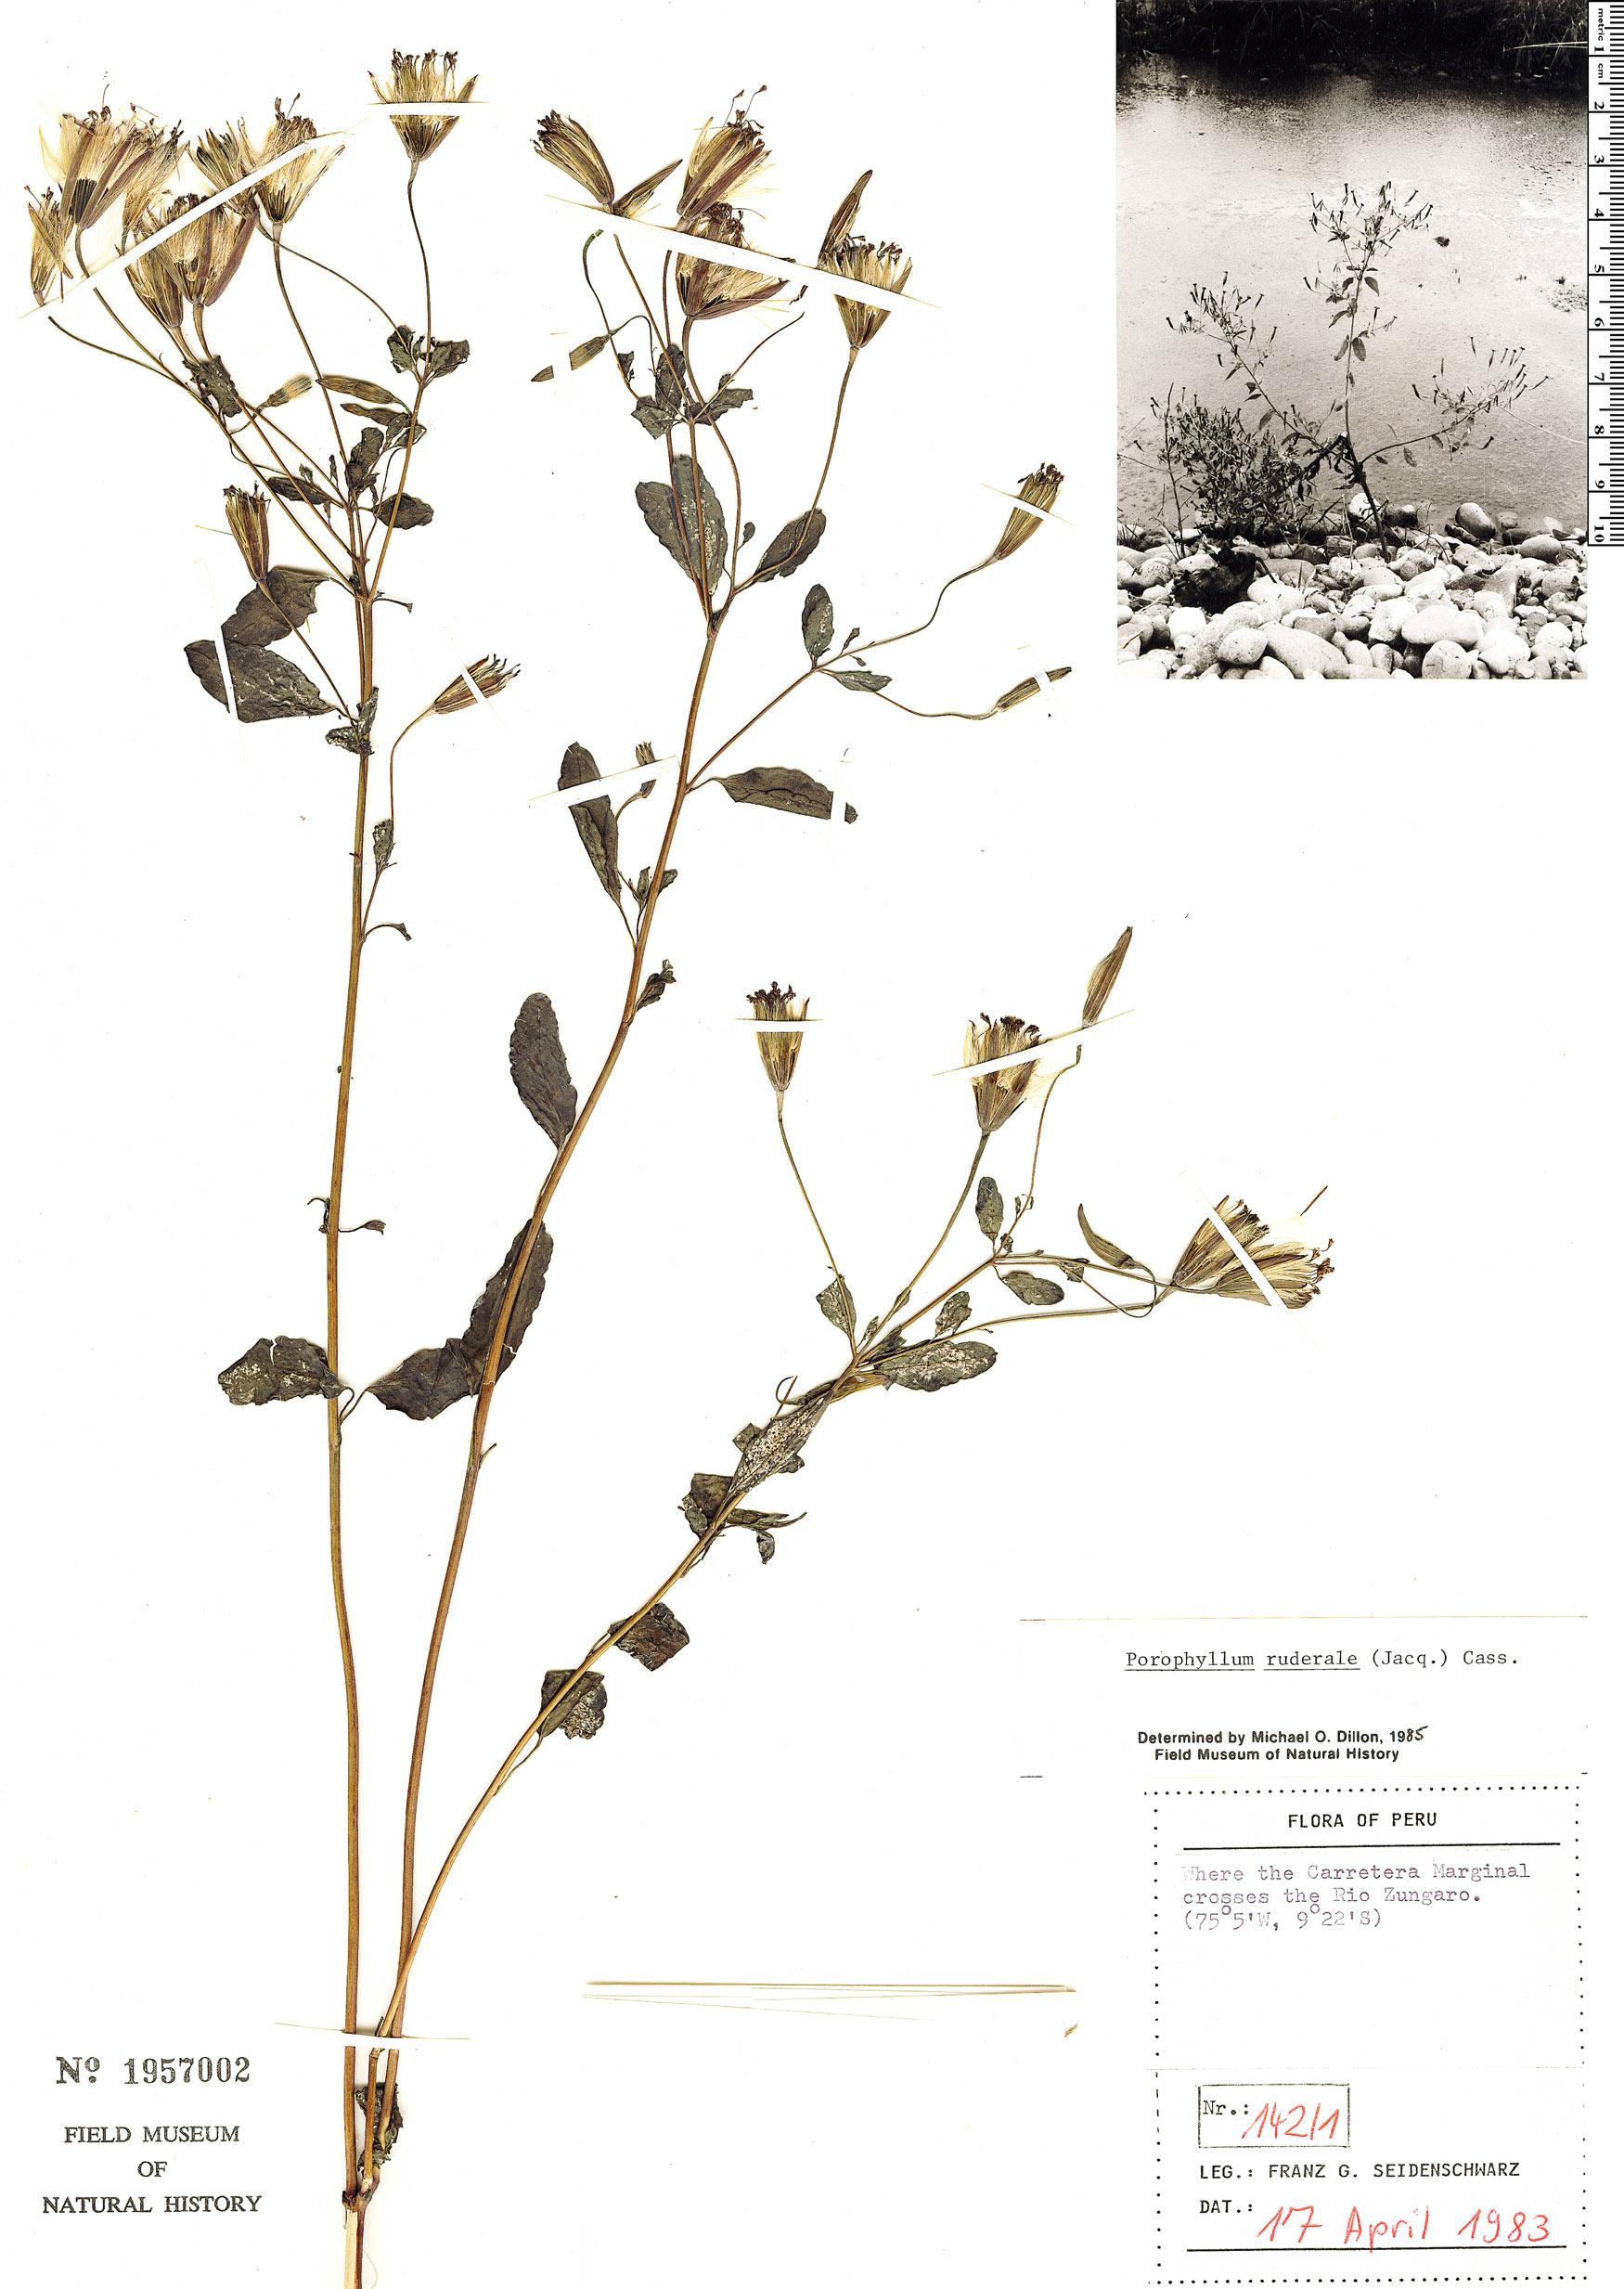 Specimen: Porophyllum ruderale